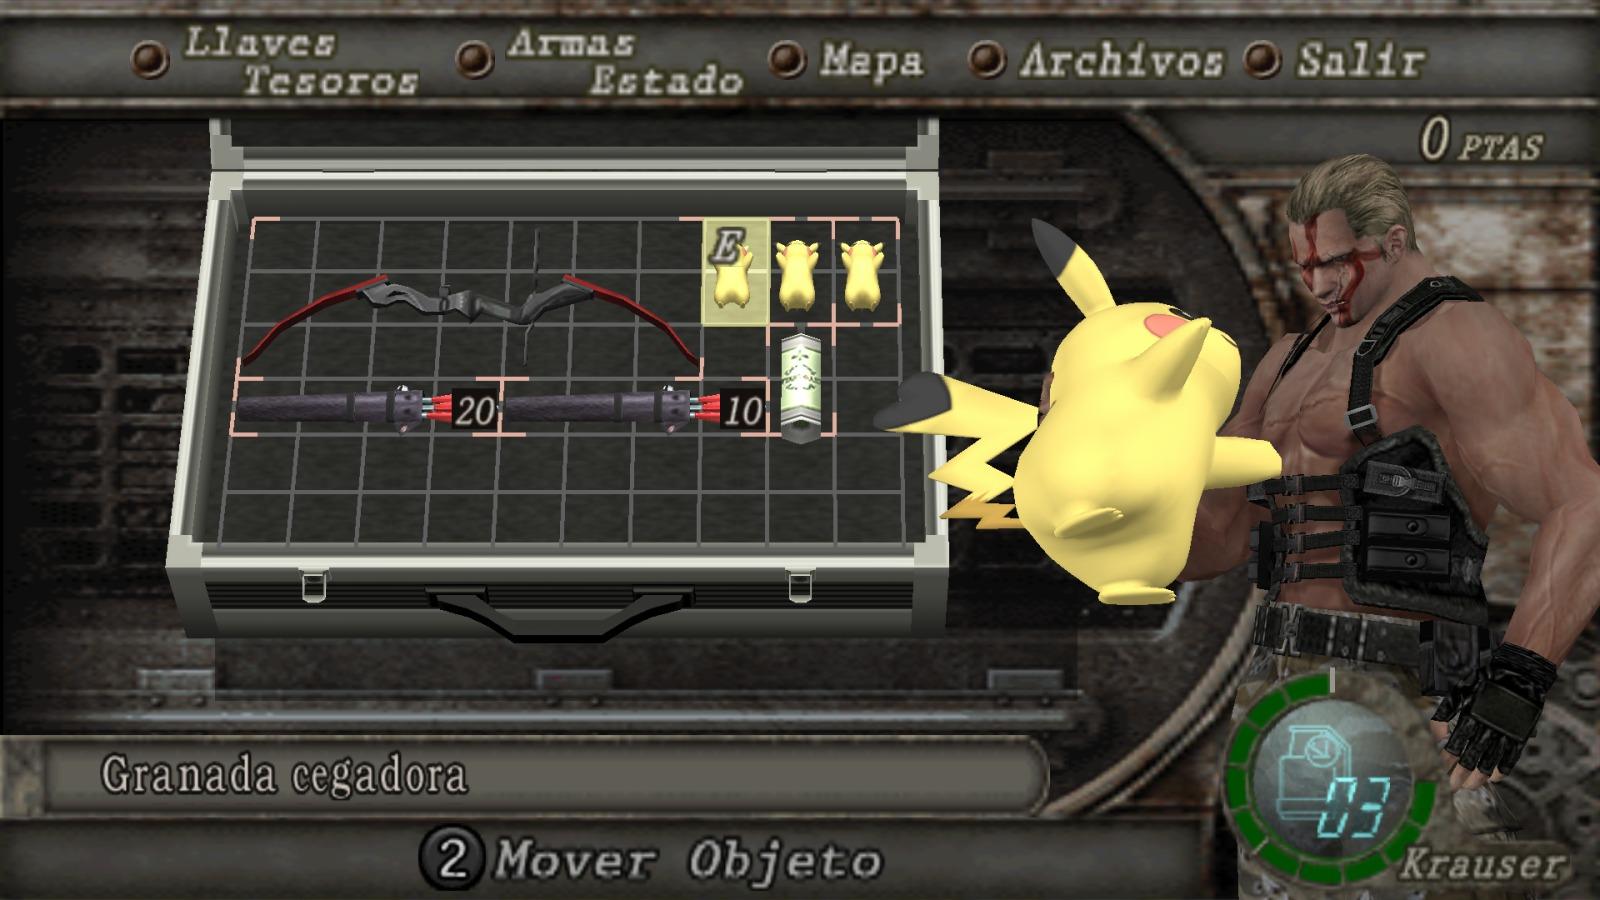 Pikachu,Charmander,Bulbasaur,Squirtle - Pokémon X/Y (N3DS) - por granadas 2ivbtww